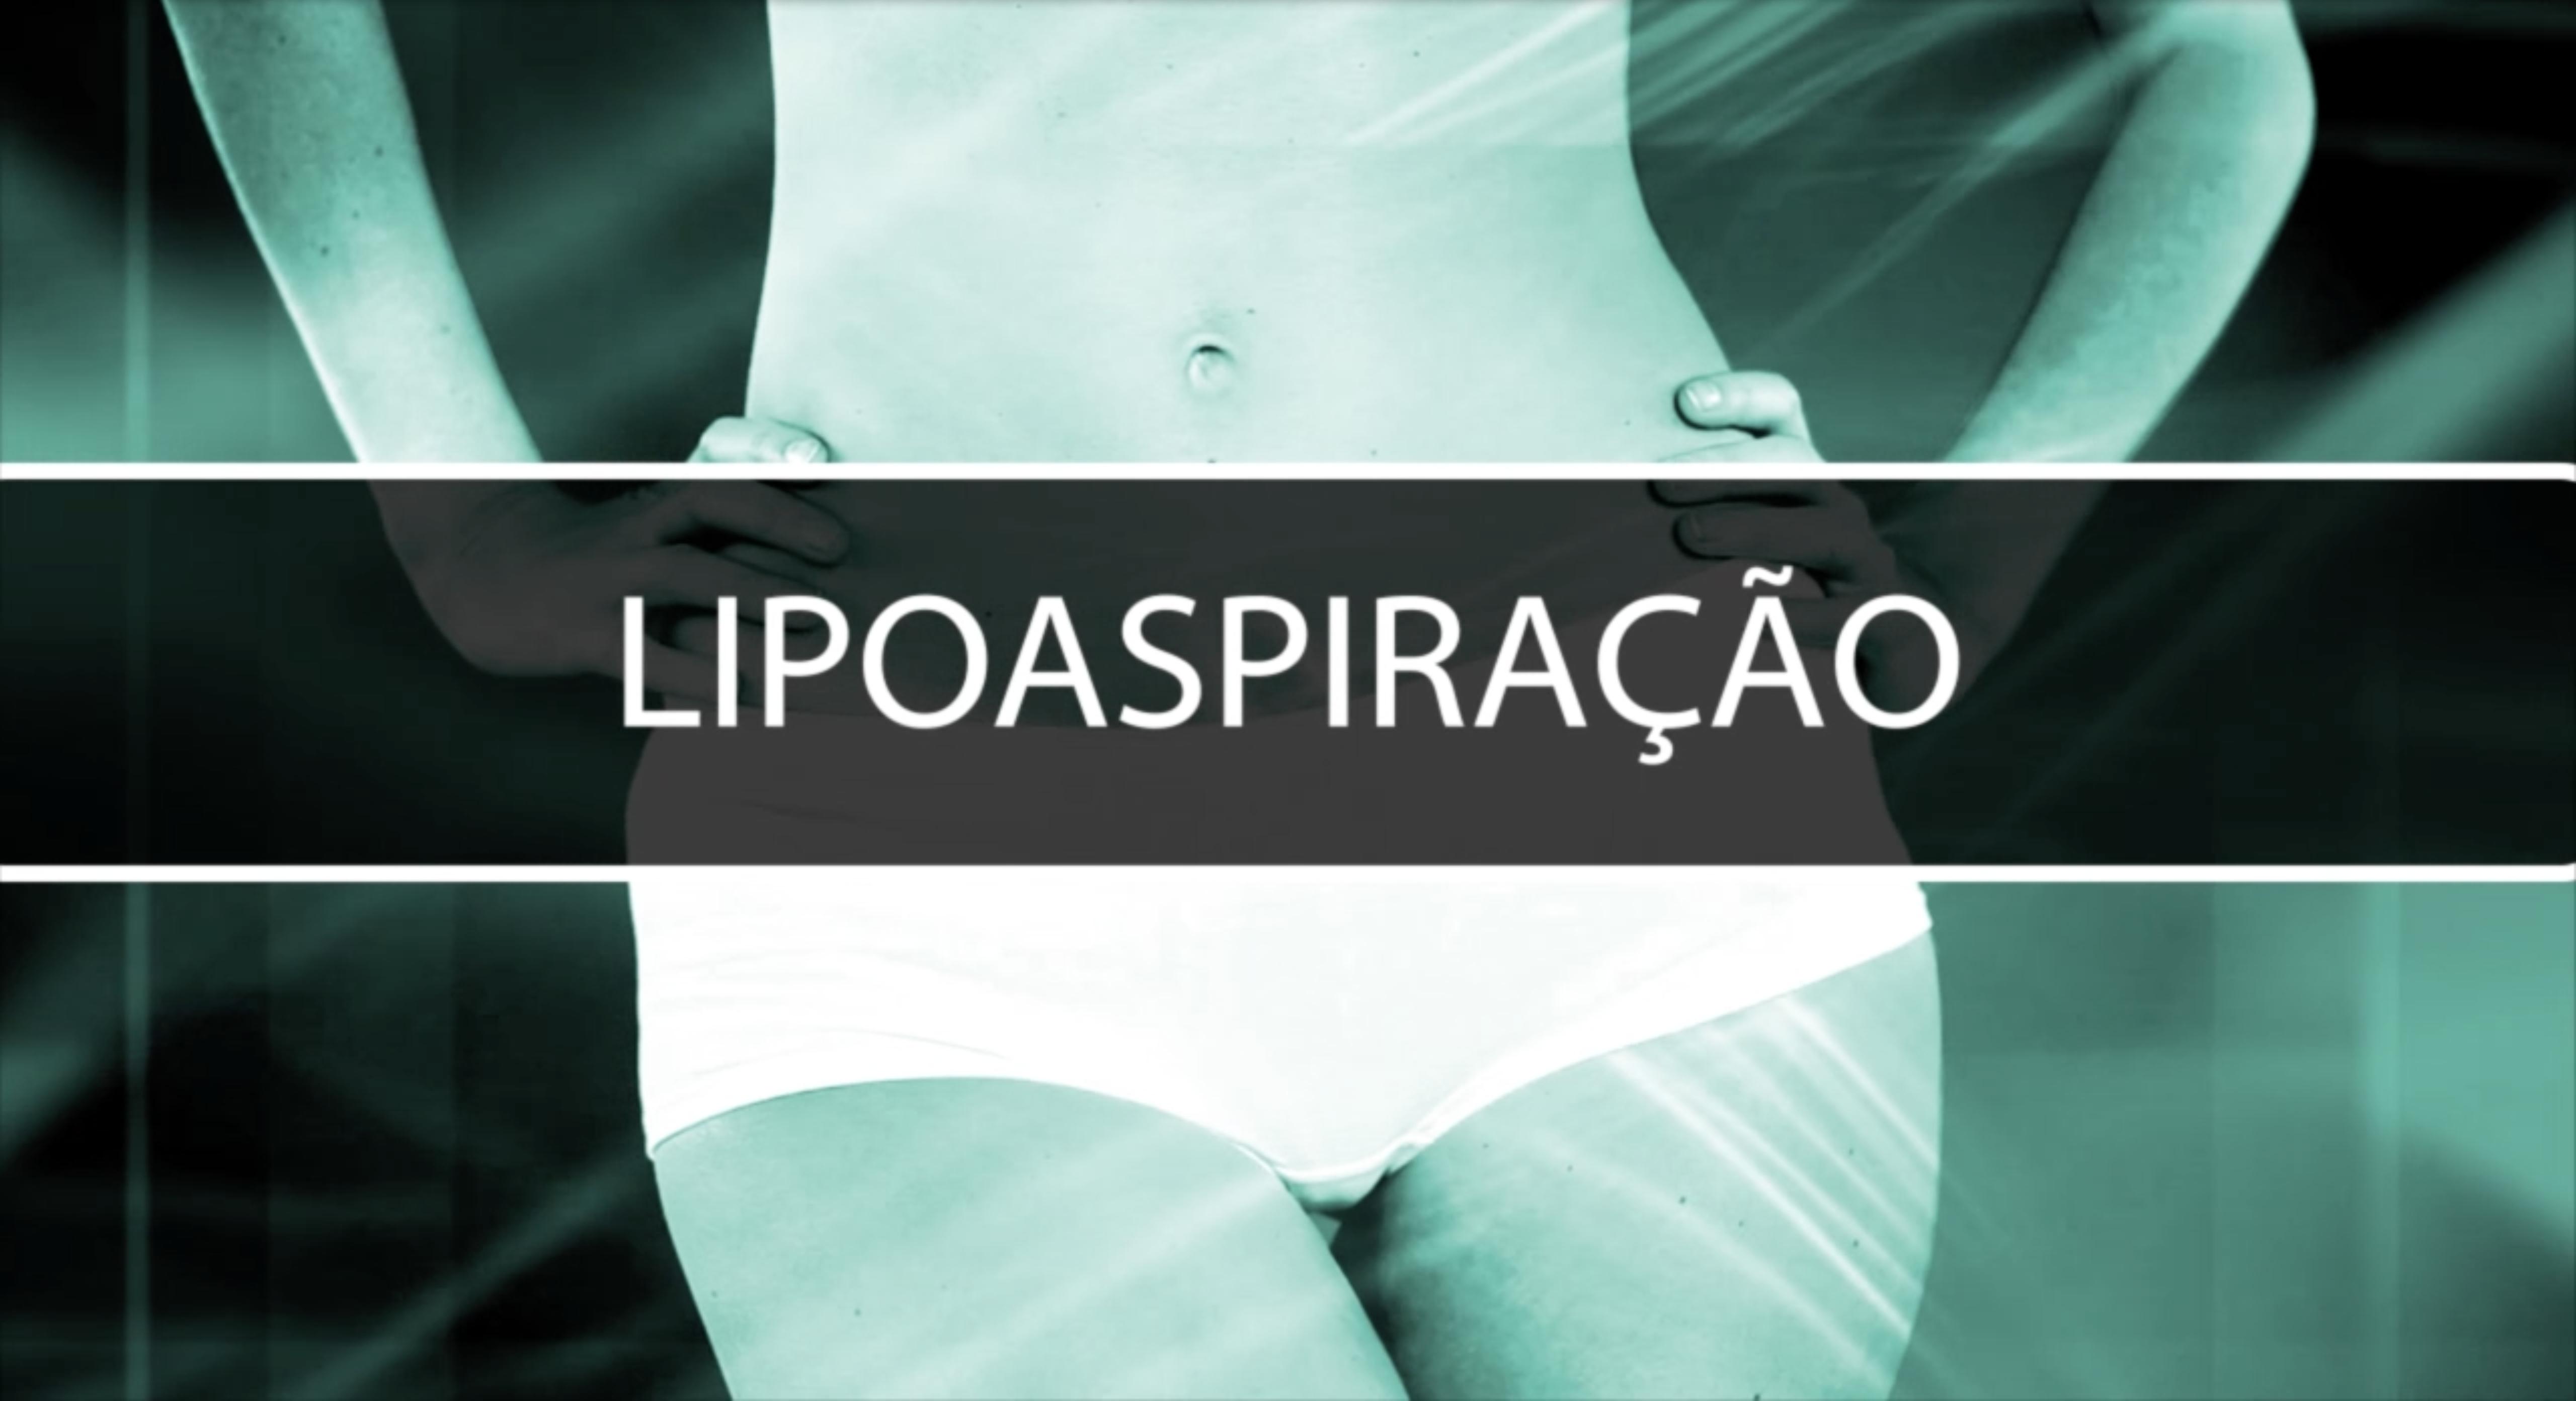 Lipoaspiração